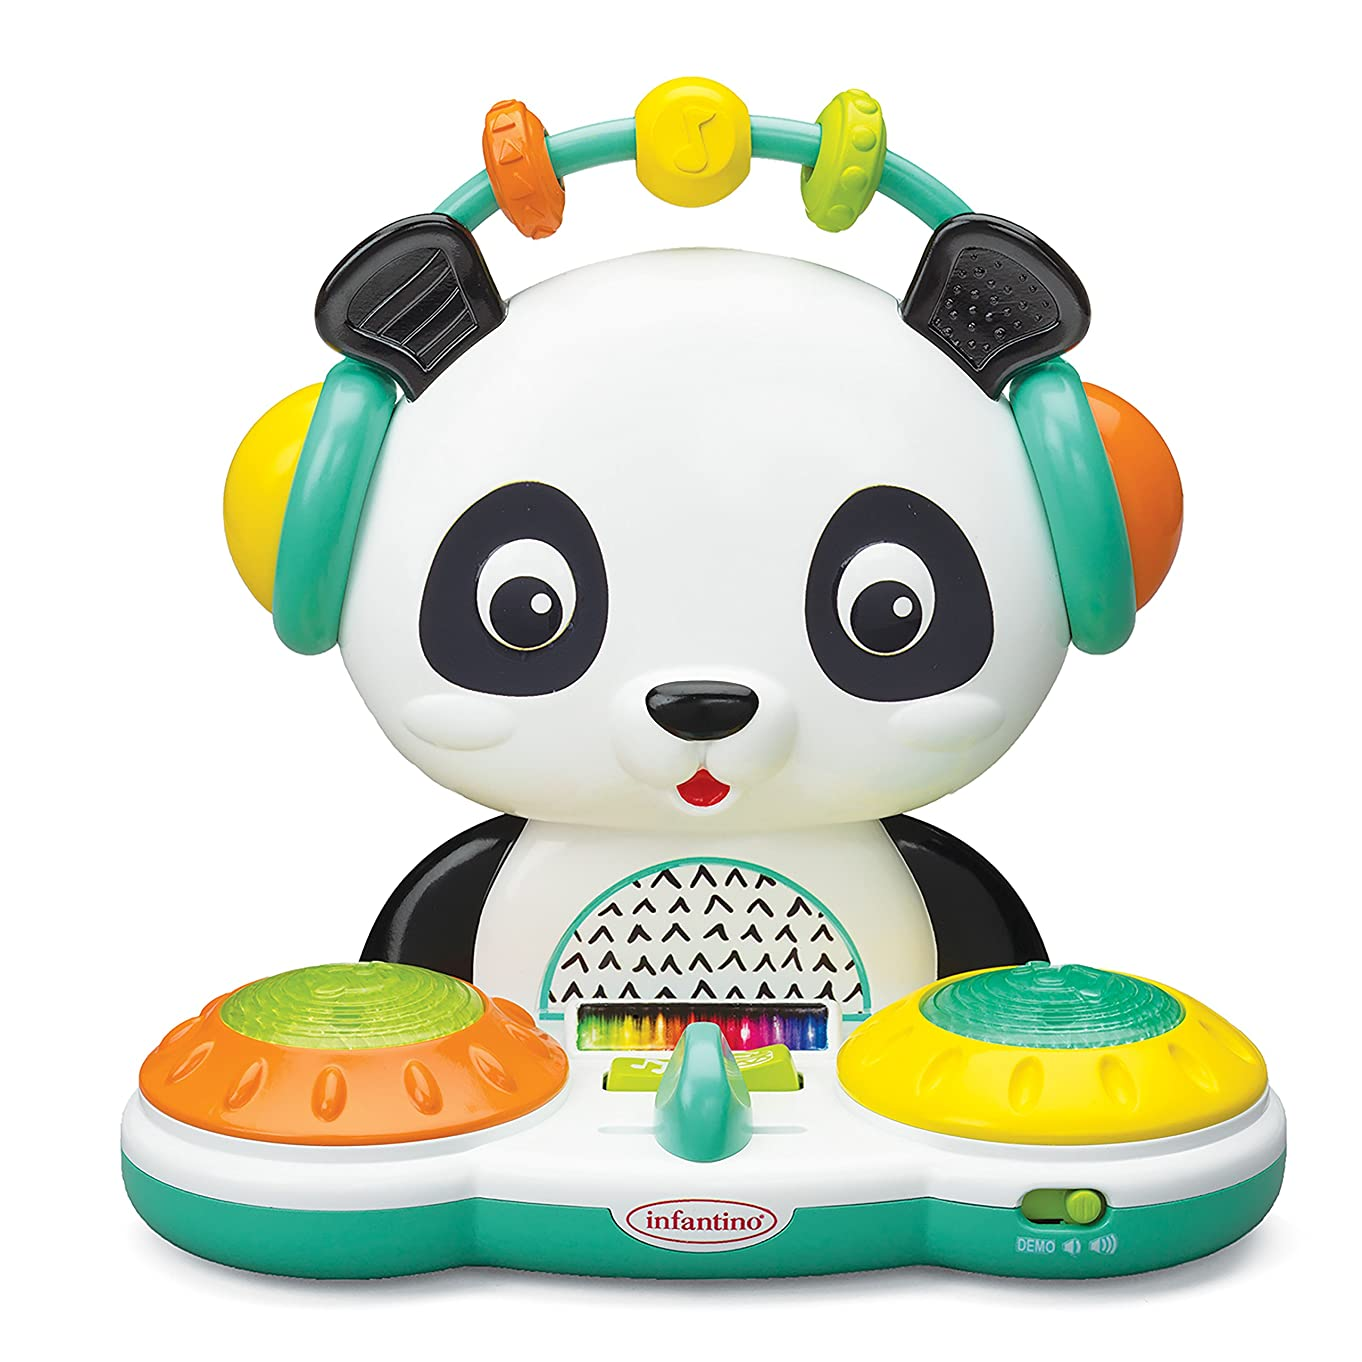 Infantino Spin & Slide, DJ Panda